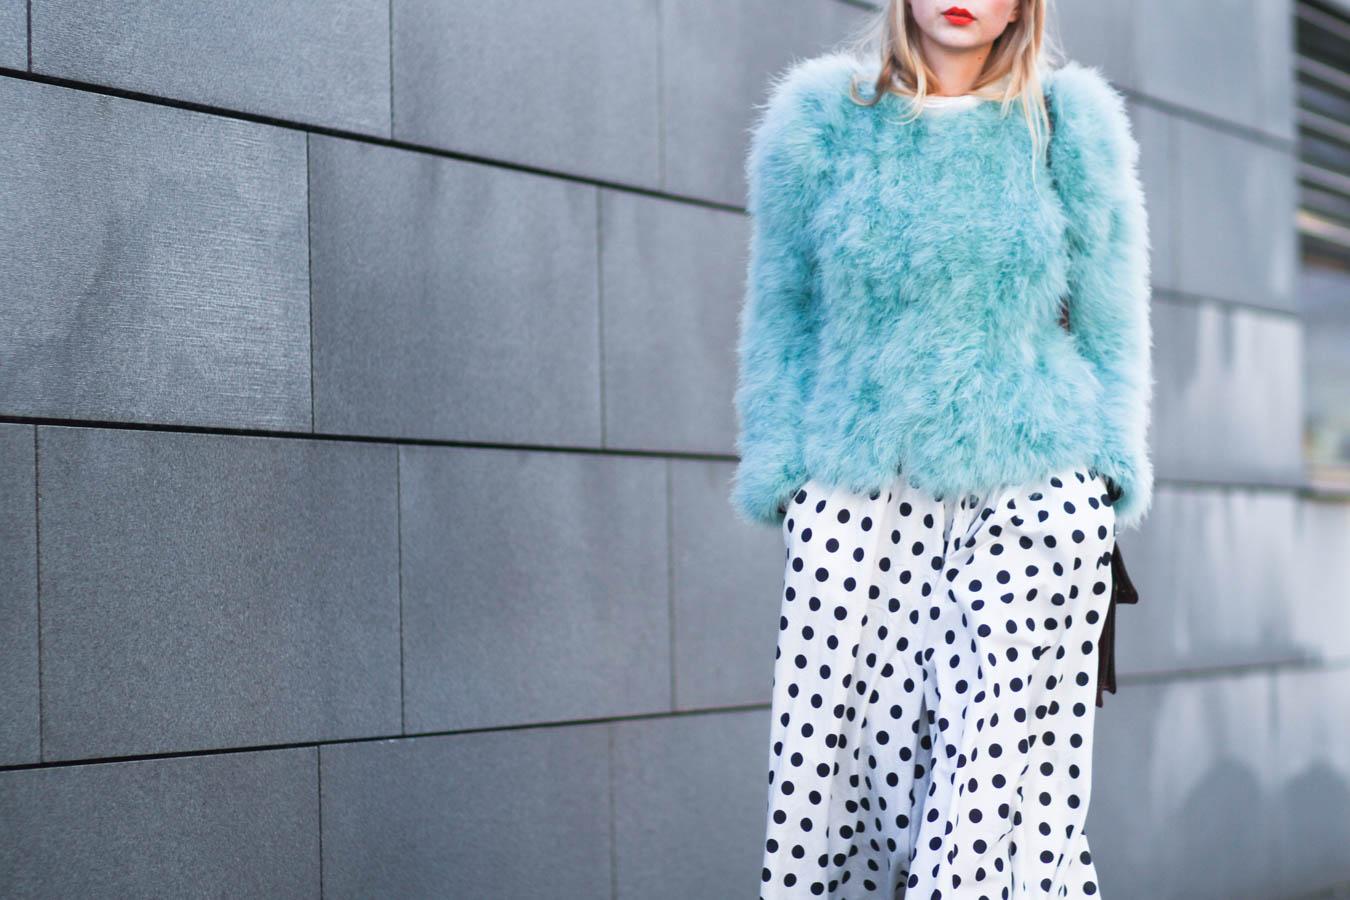 outfit December nemesis babe marie jensen danish blogger gåsejakken-2